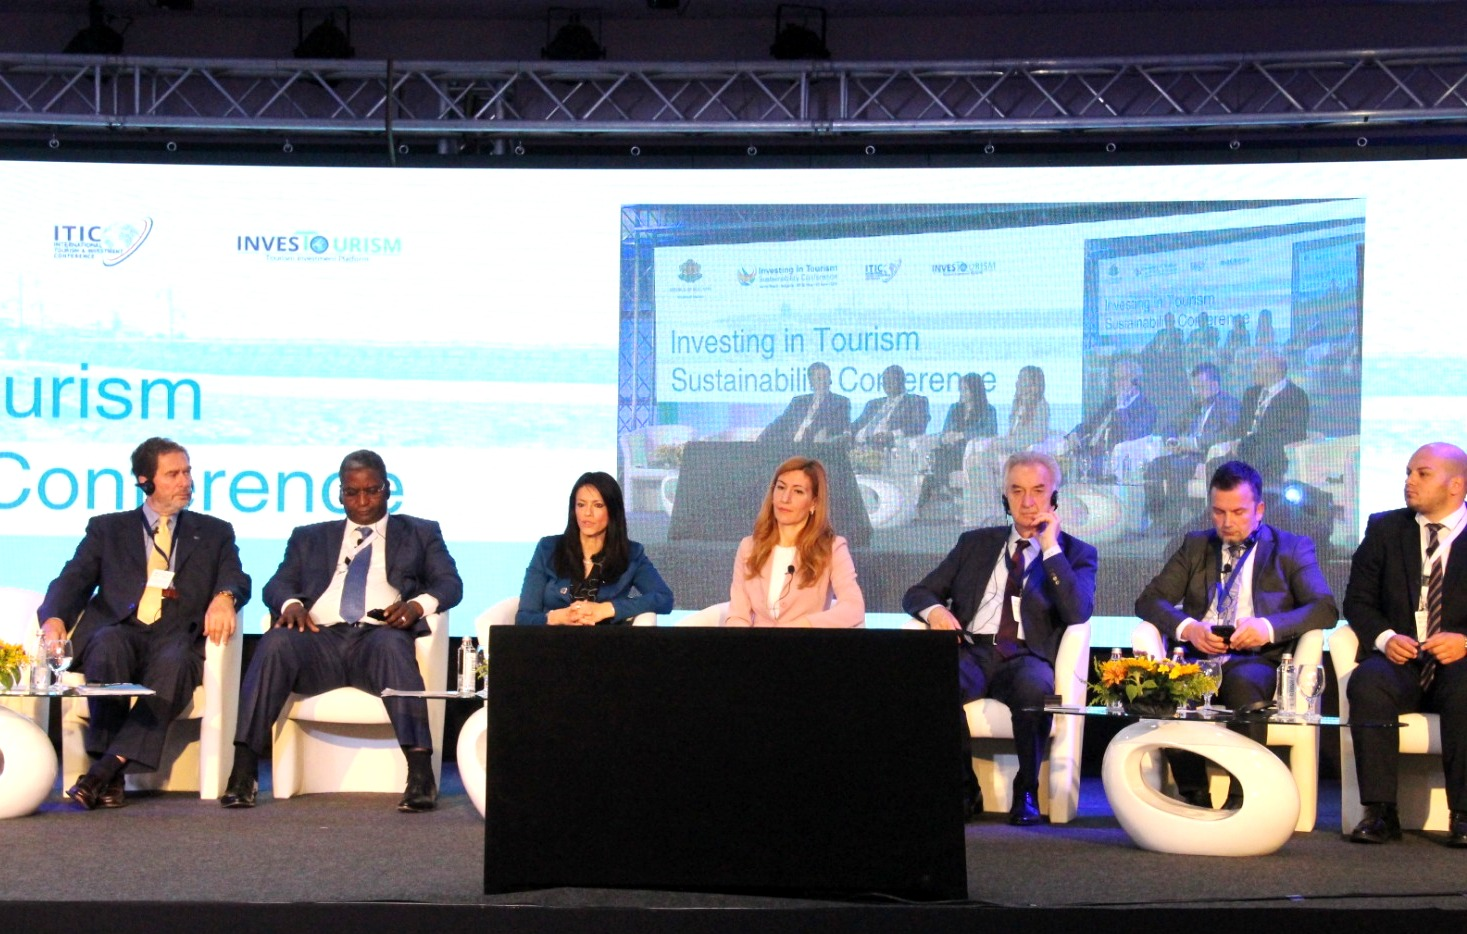 Устойчиви инвестиции в туризма обсъждат на международен форум в Слънчев бряг